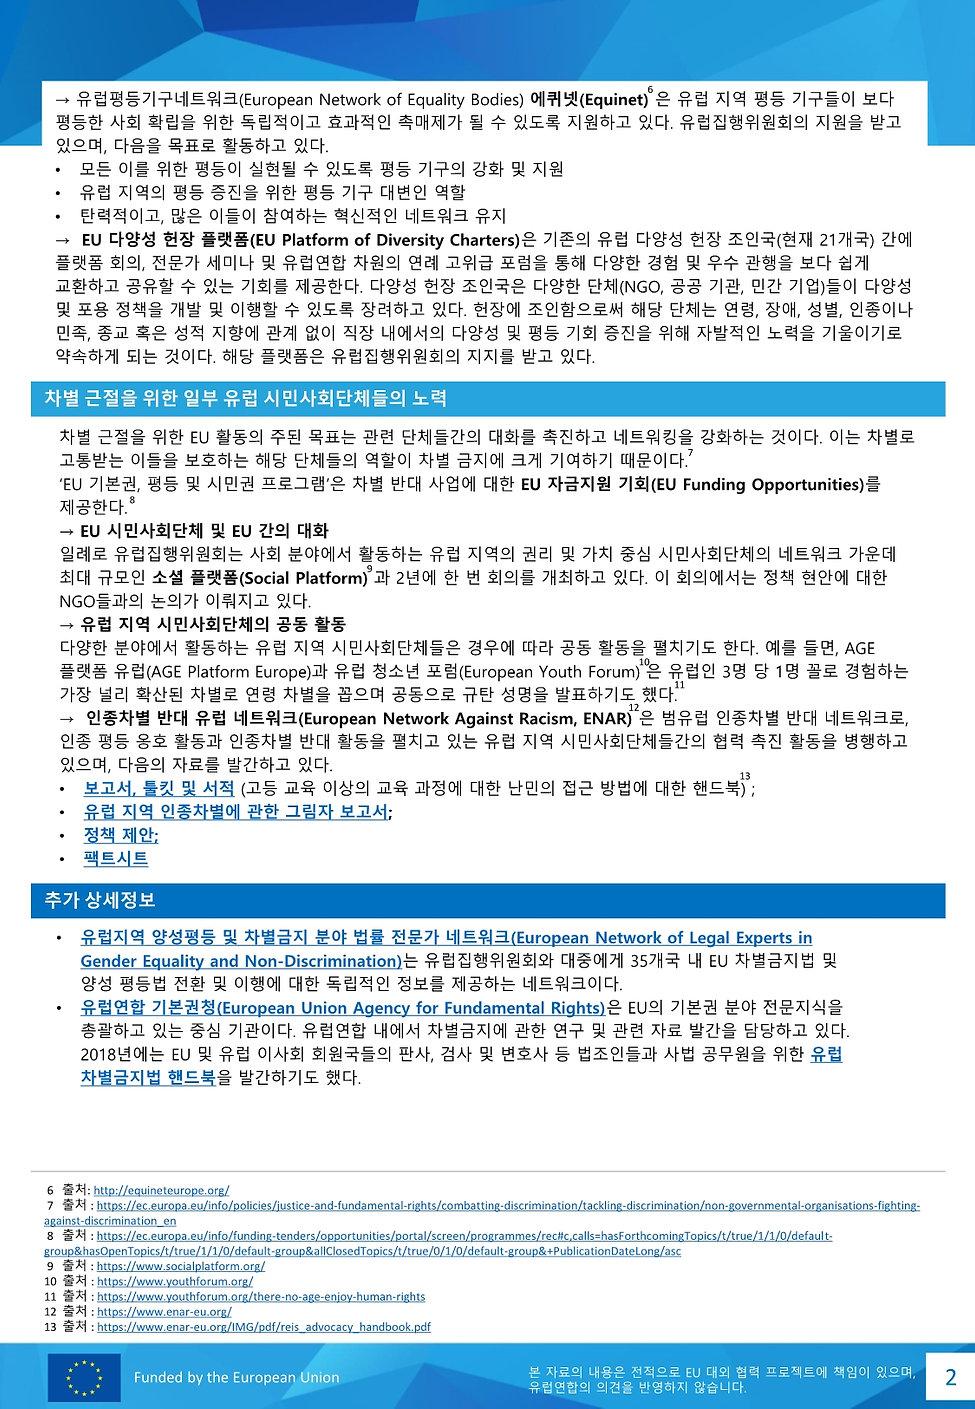 2 non-discrimination KR.jpg